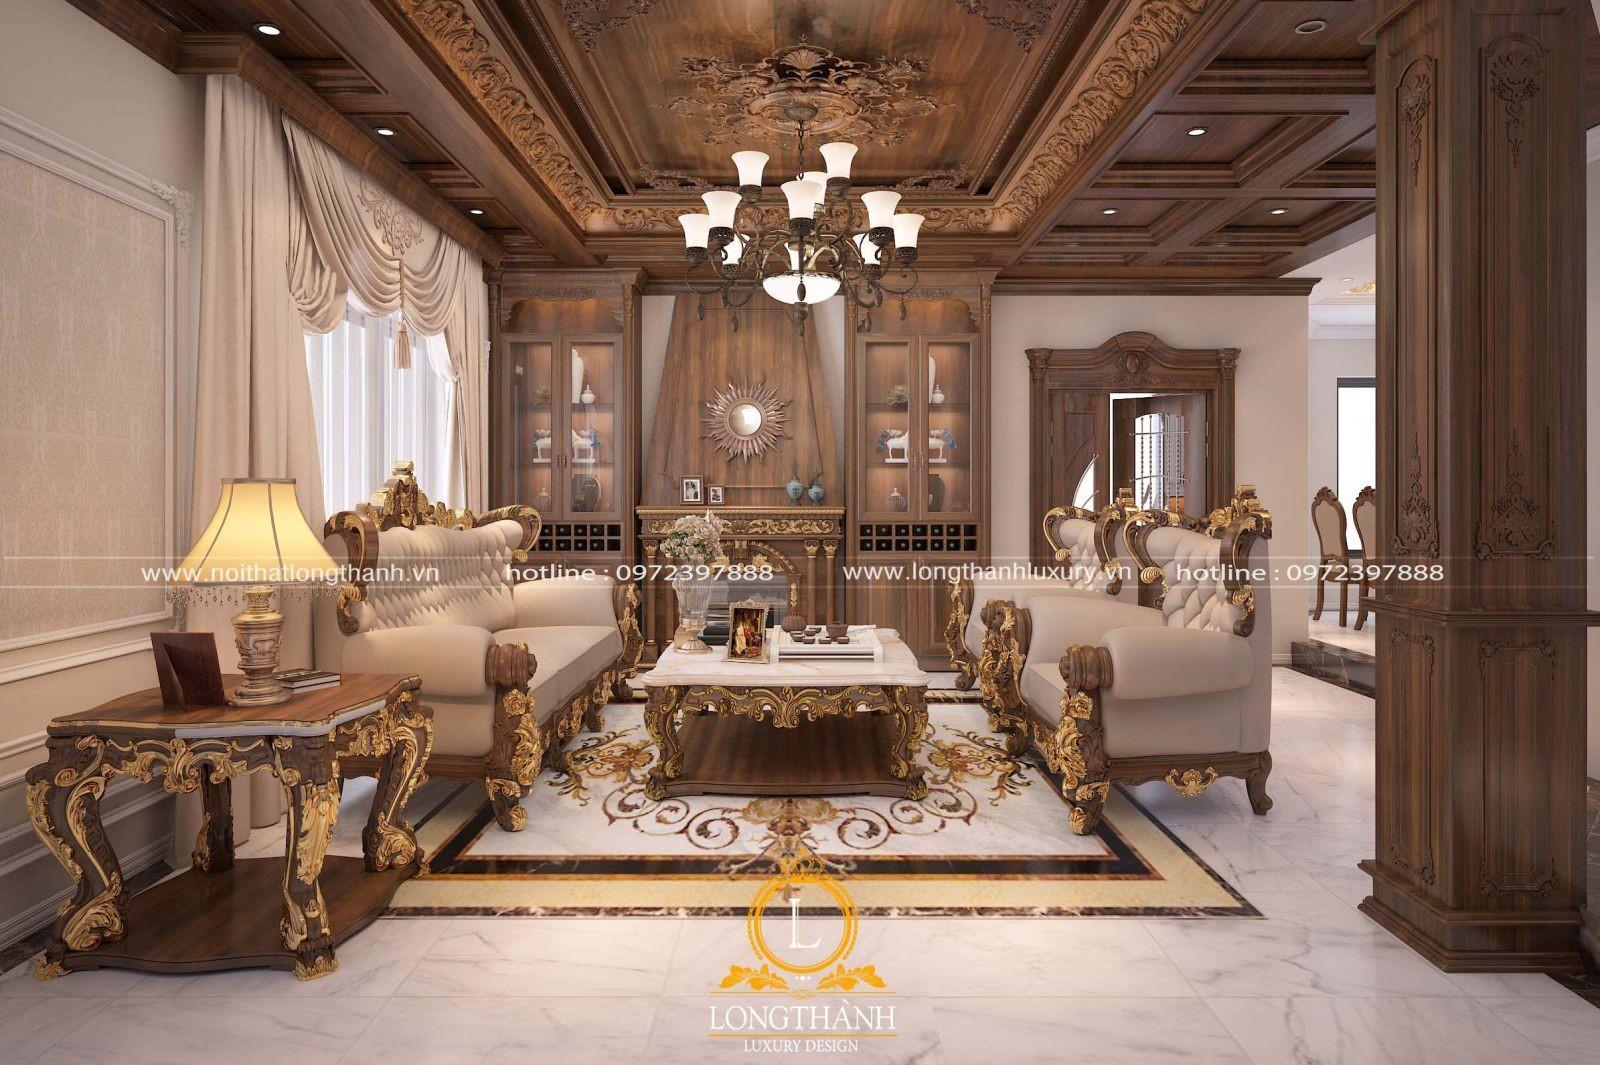 Hệ ốp trần bằng gỗ gõ ấn tượng cho phòng khách biệt thự